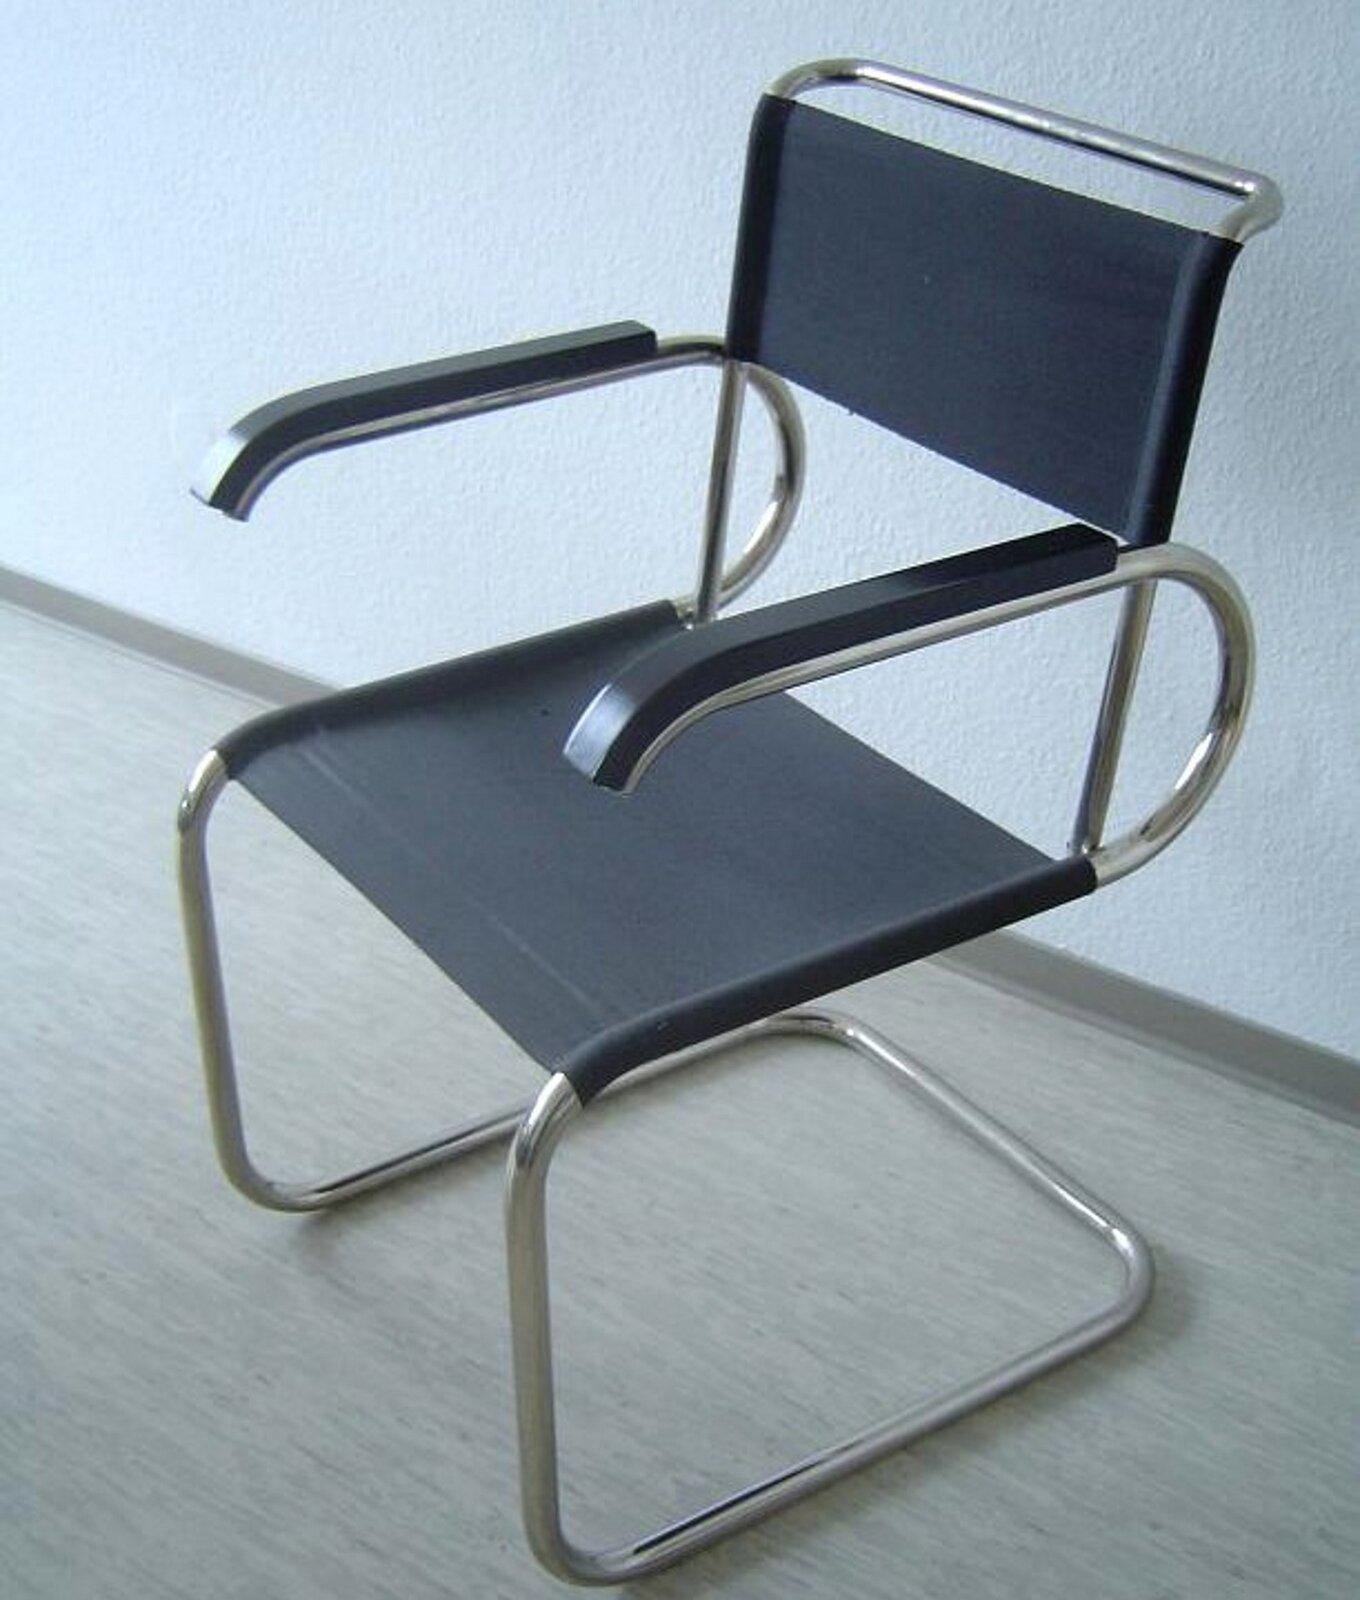 Ilustracja przedstawia krzesło zawieszone, zaprojektowane przez Marcela Breuera. Mebel posiada prosty kształt, cechuje go funkcjonalnośc bez zbędnych ozdób. Posiada stalową konkstrukcję igranatowe oparcie wraz zsiedziskiem. Krzesło tego rodzaju jest nierzadko spotykane do dziś.